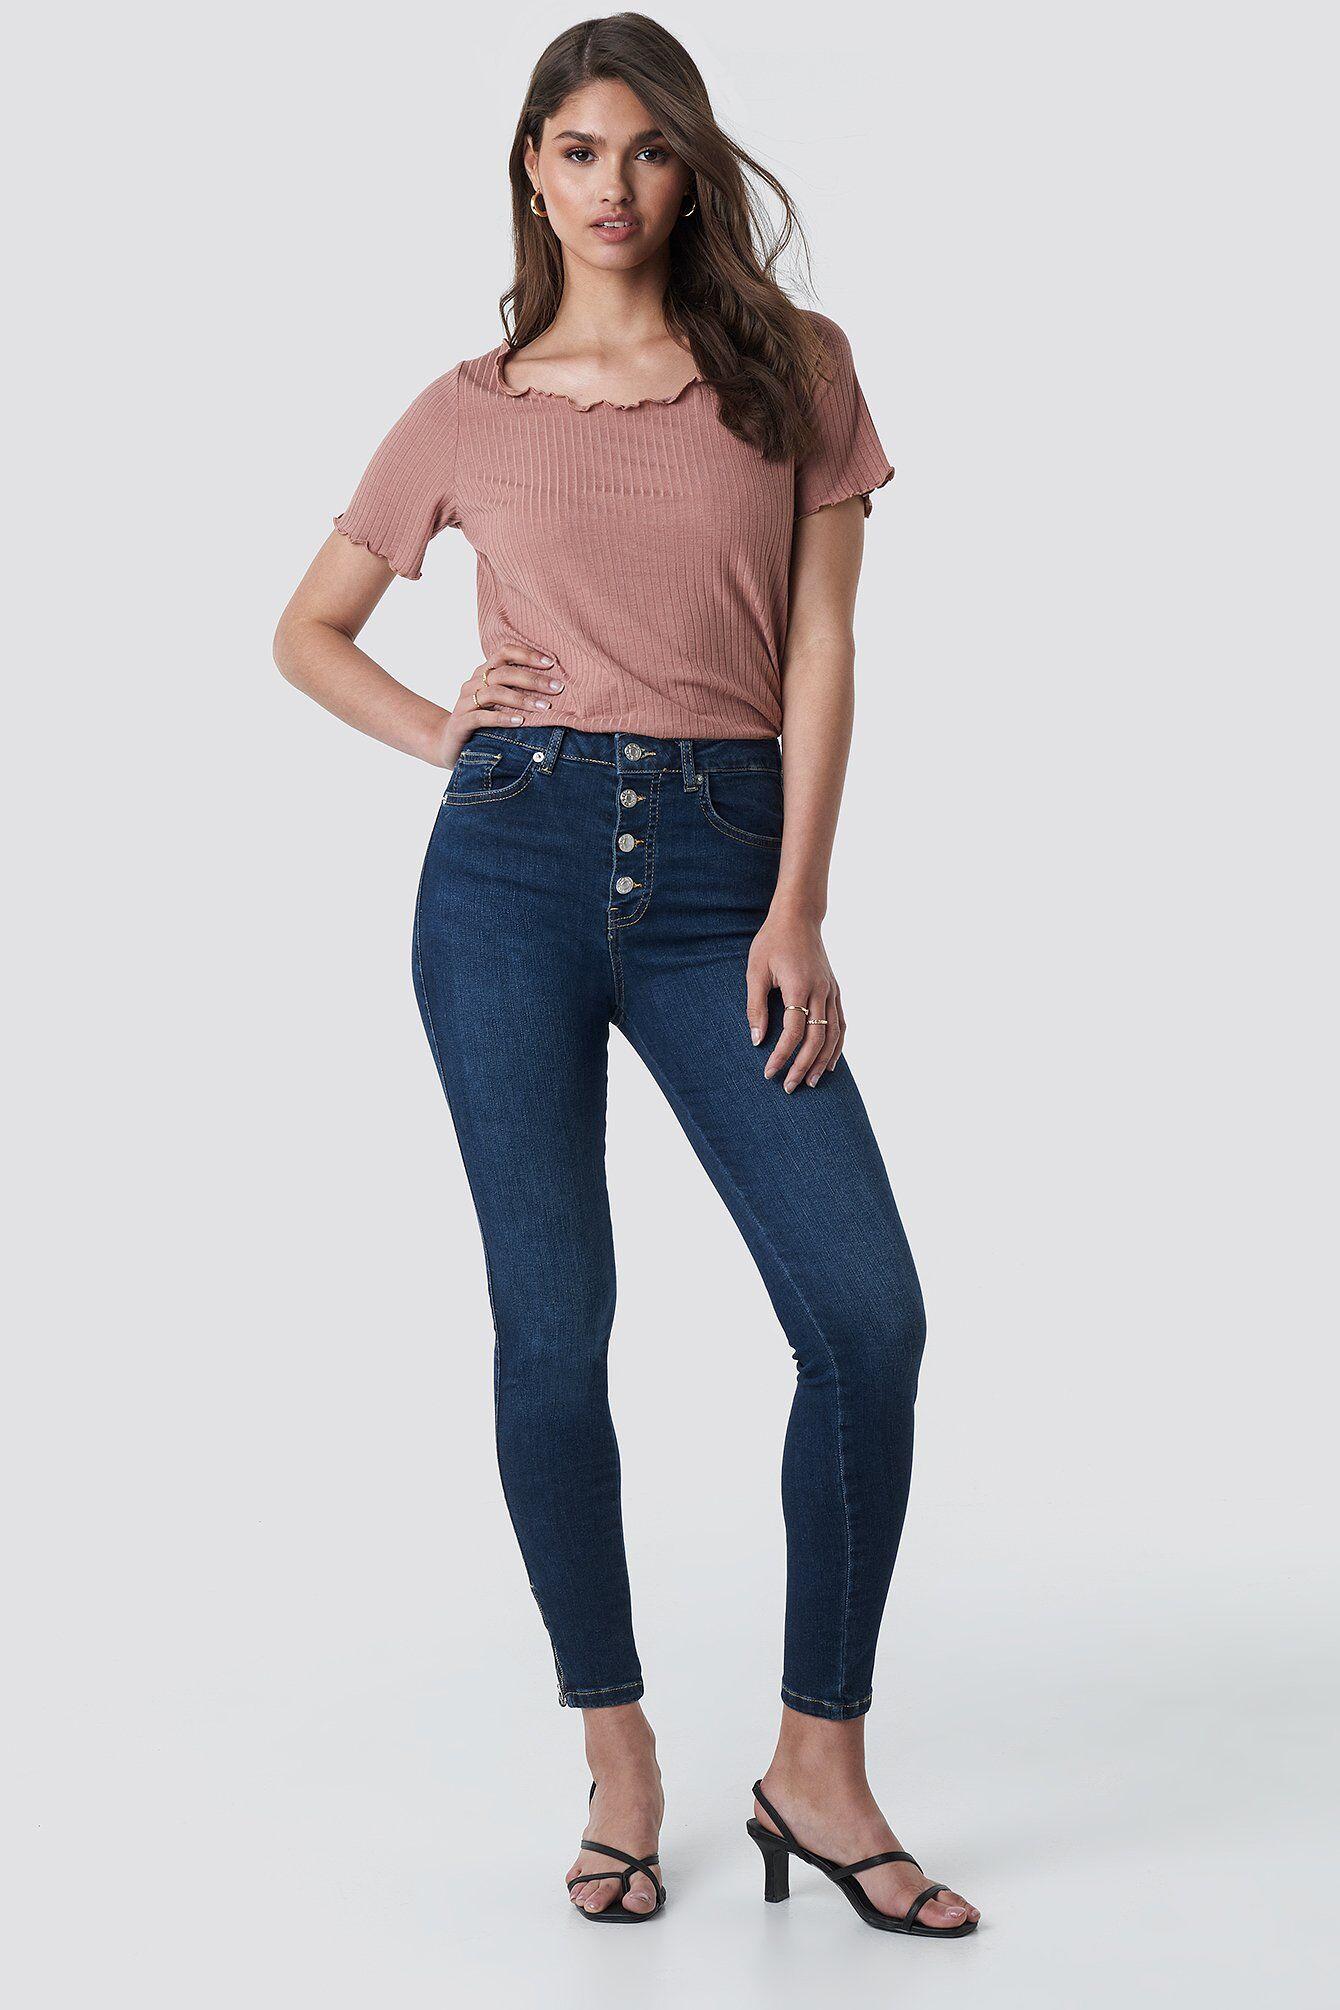 NA-KD Skinny High Waist Zipper Jeans - Blue  - Size: EU 32,EU 34,EU 36,EU 38,EU 40,EU 42